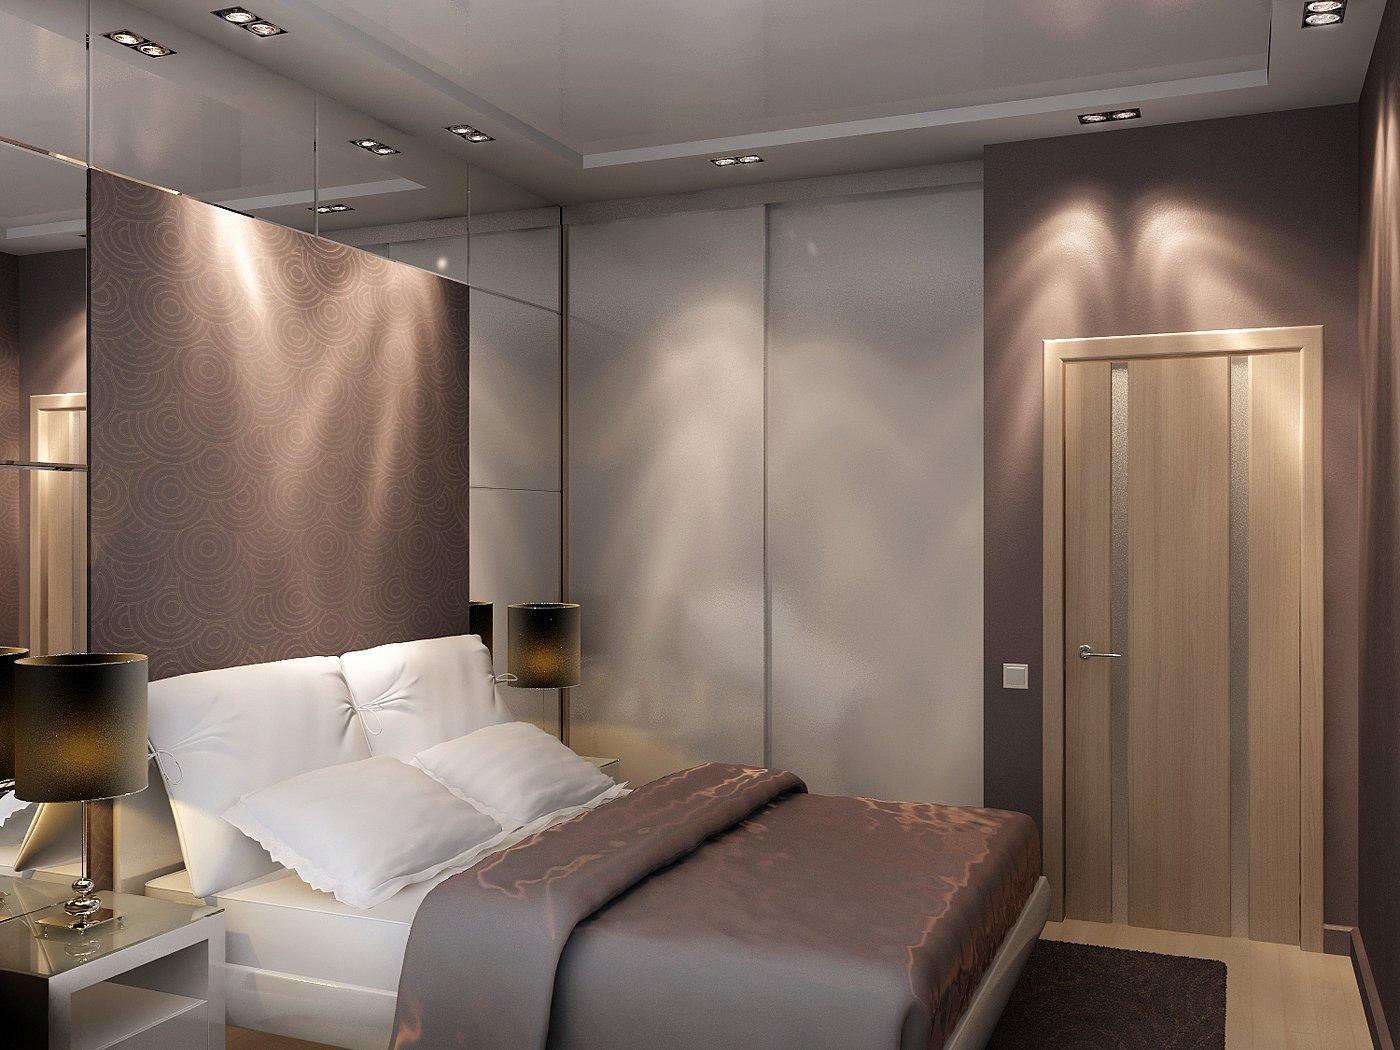 Искусственное освещение в спальне